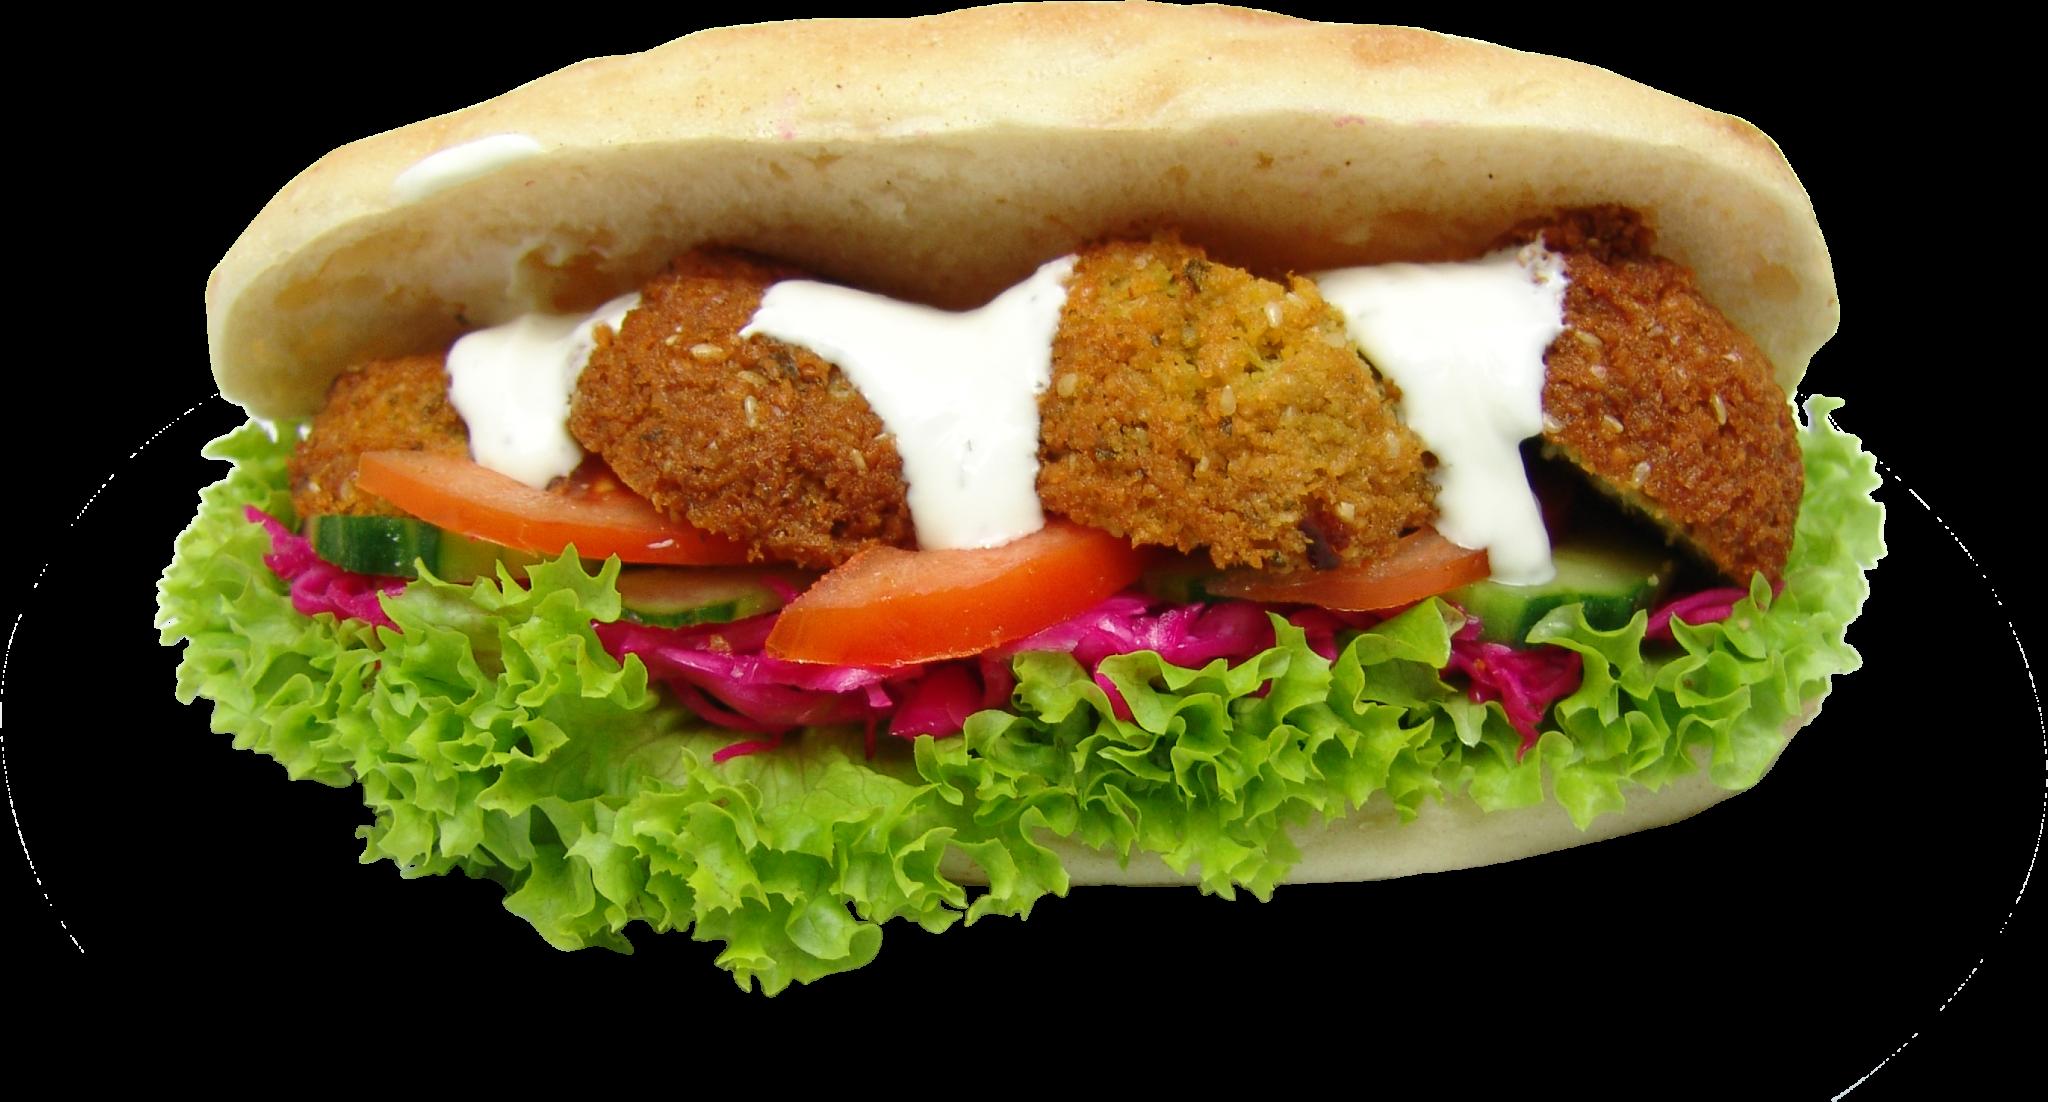 Falafel PNG images free download.